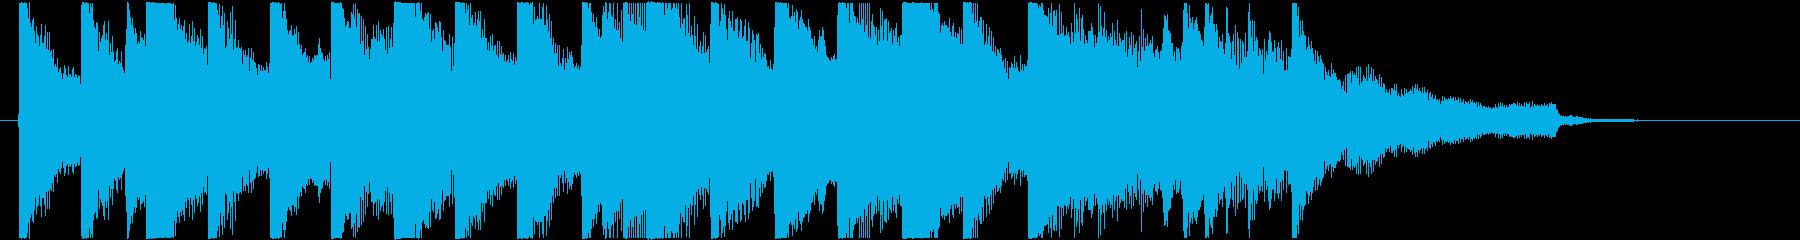 ピアノ/ジングル/サスペンス/緊迫の再生済みの波形